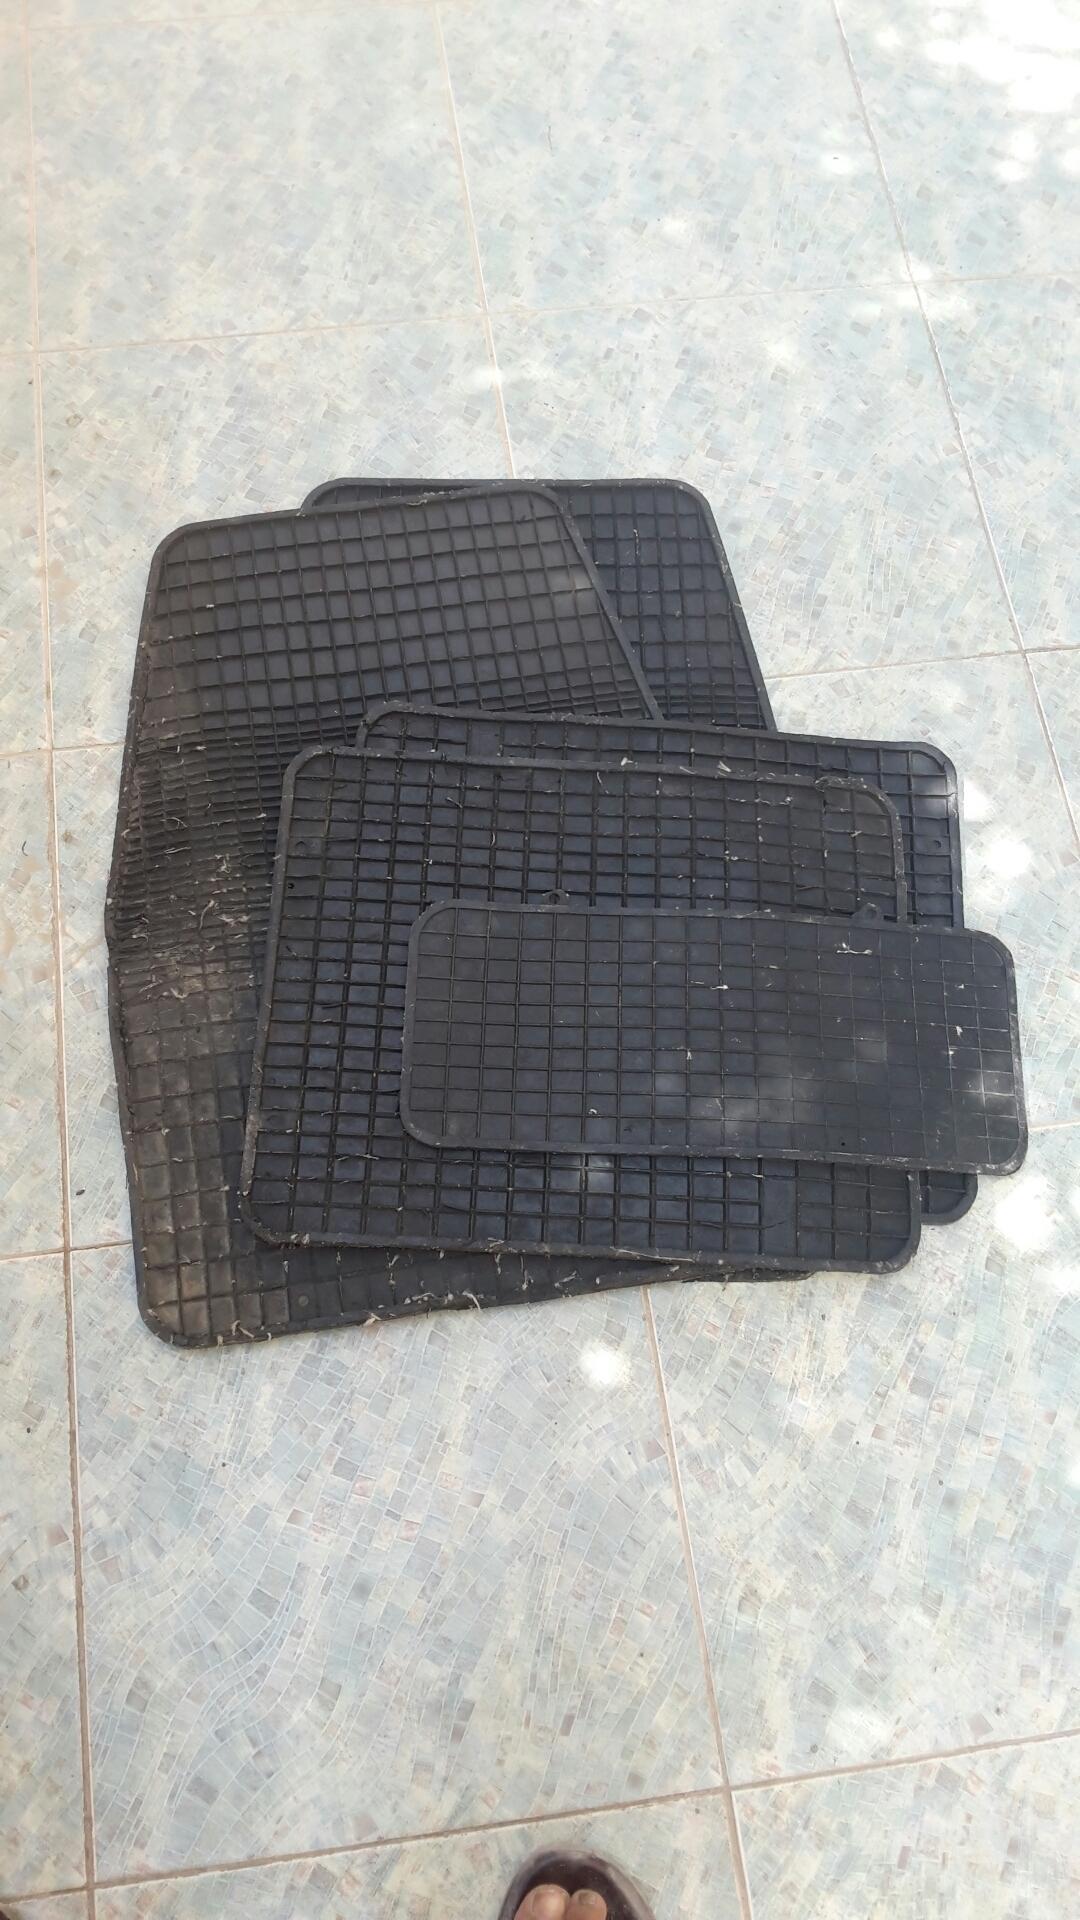 نيسان سنترا 1.6L S 2014 مستعملة-  عدد 5 قطع فرش دواسات...